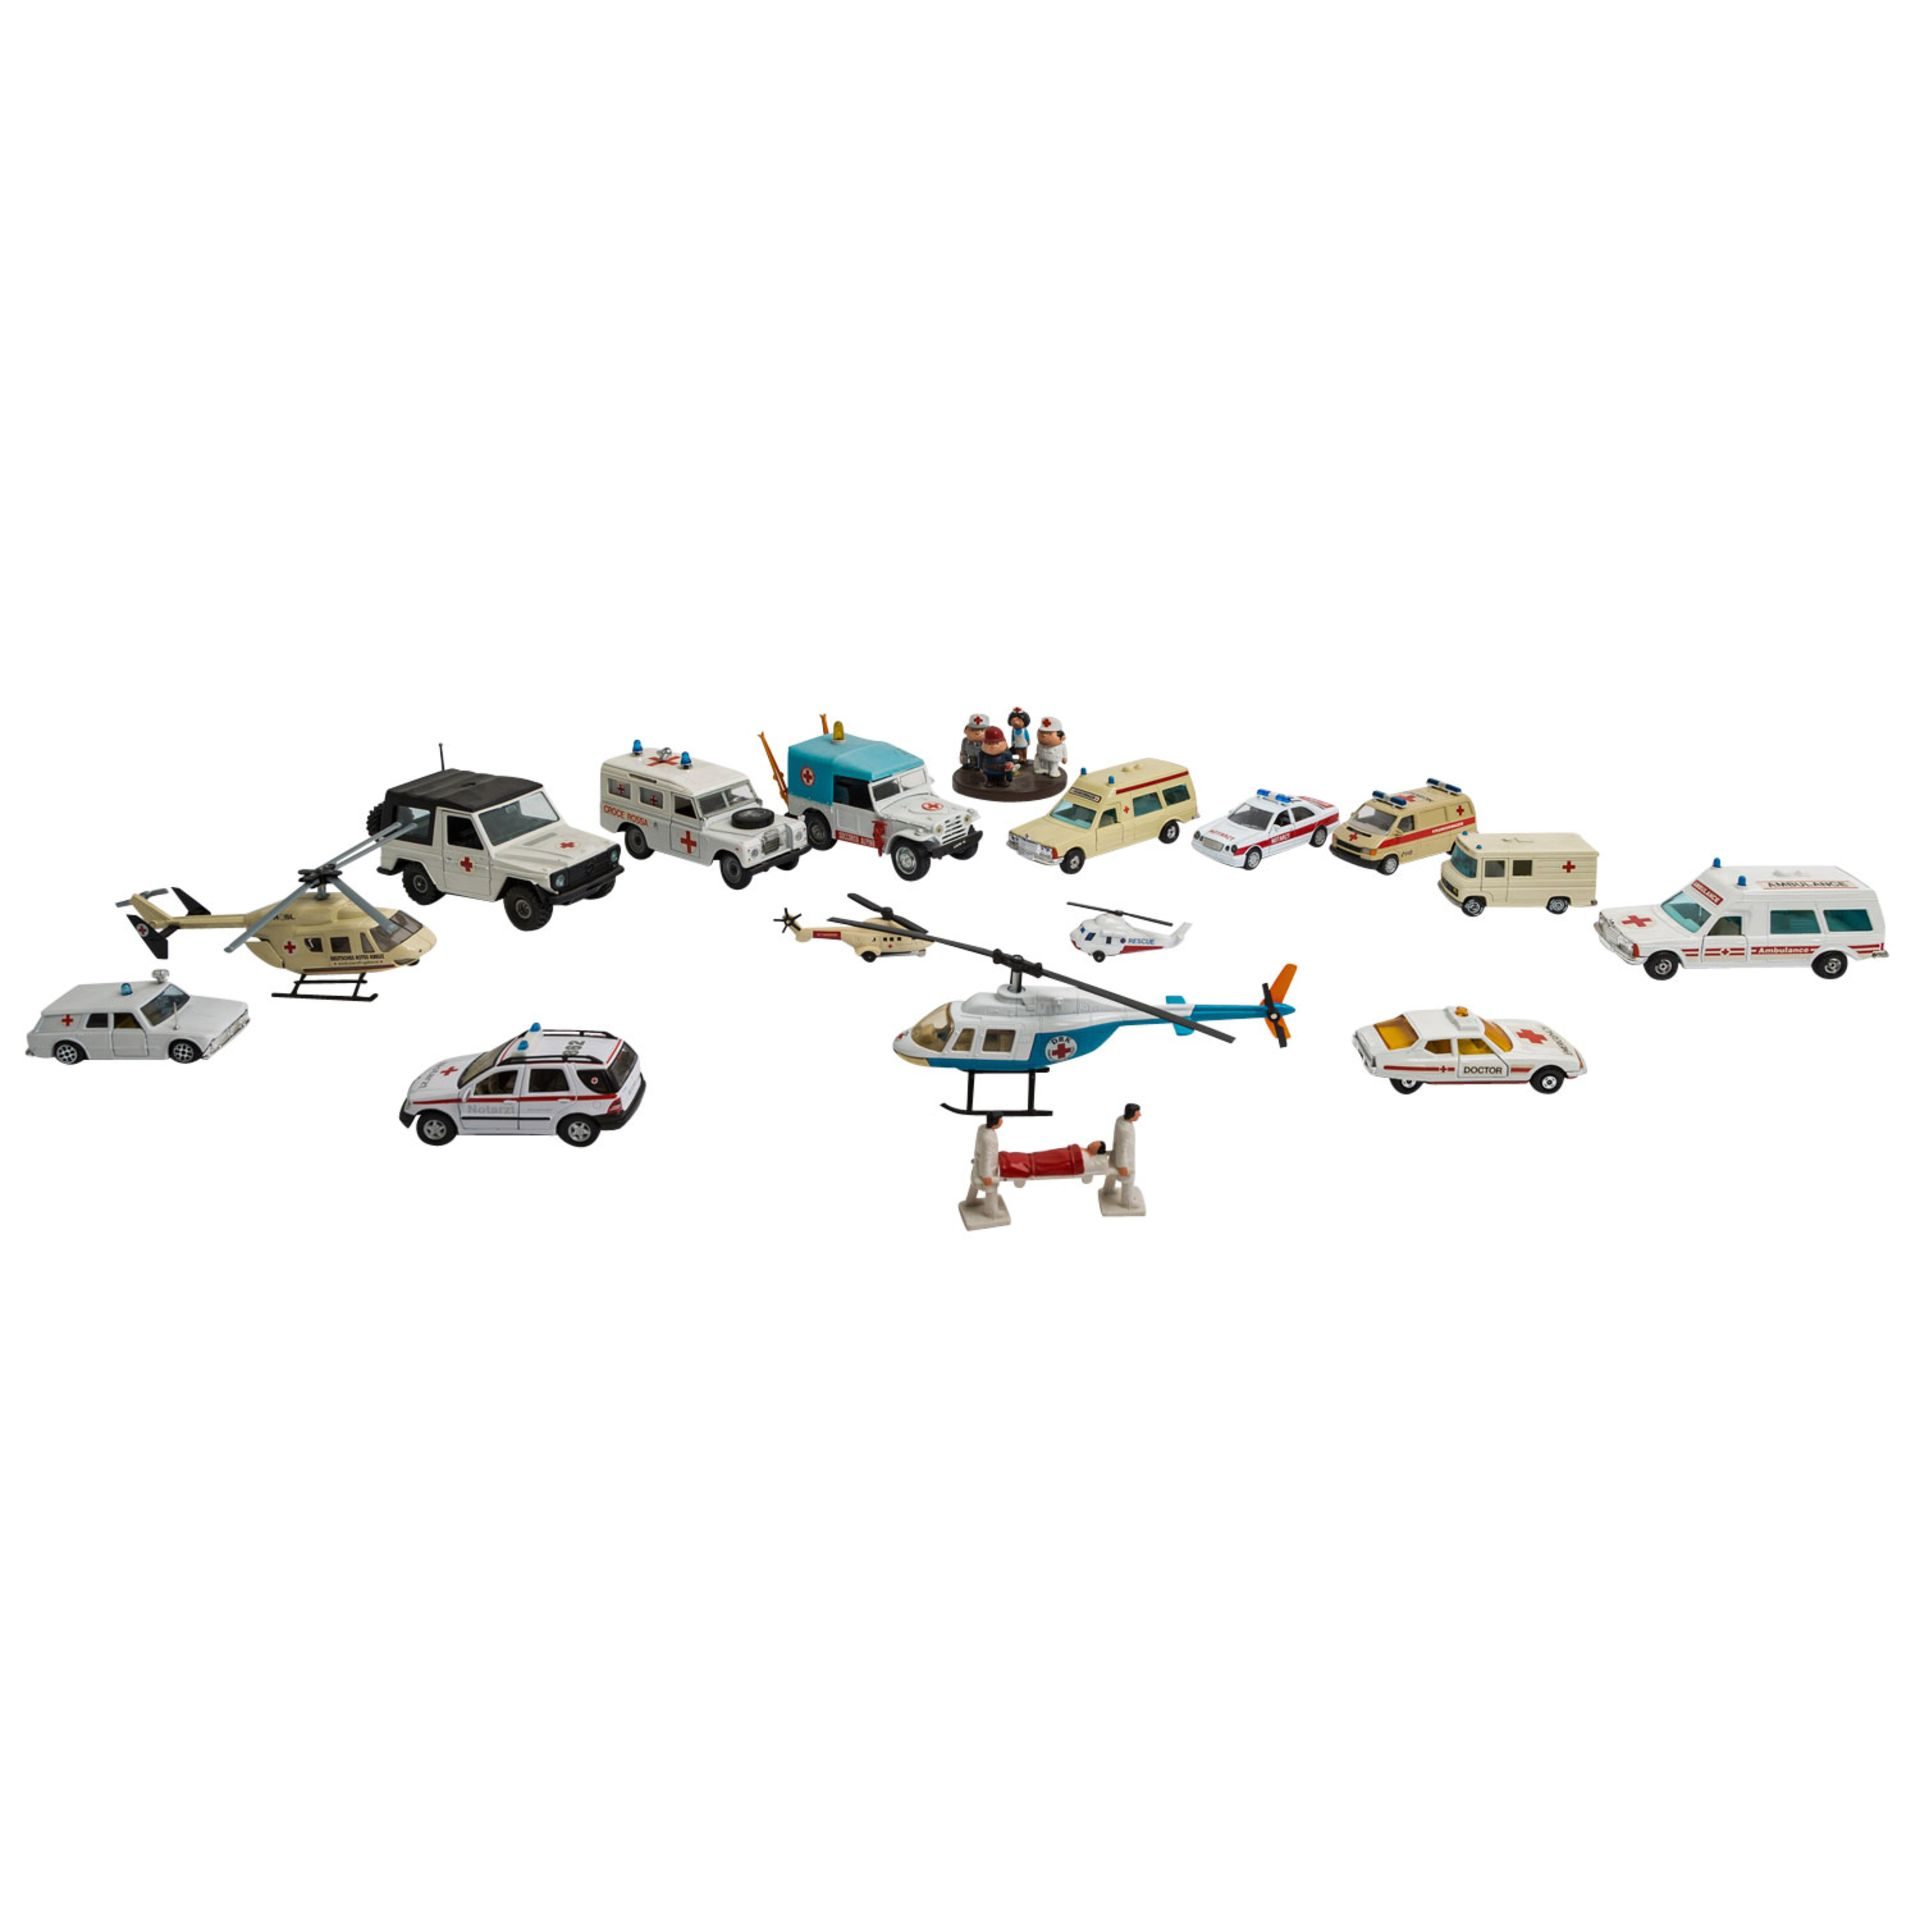 MATCHBOX/WIKING/HERPA u.v.a. Konvolut von ca. 100 Rettungsdienst-Modellfahrzeugen im Maßstab 1:87 bi - Image 4 of 7